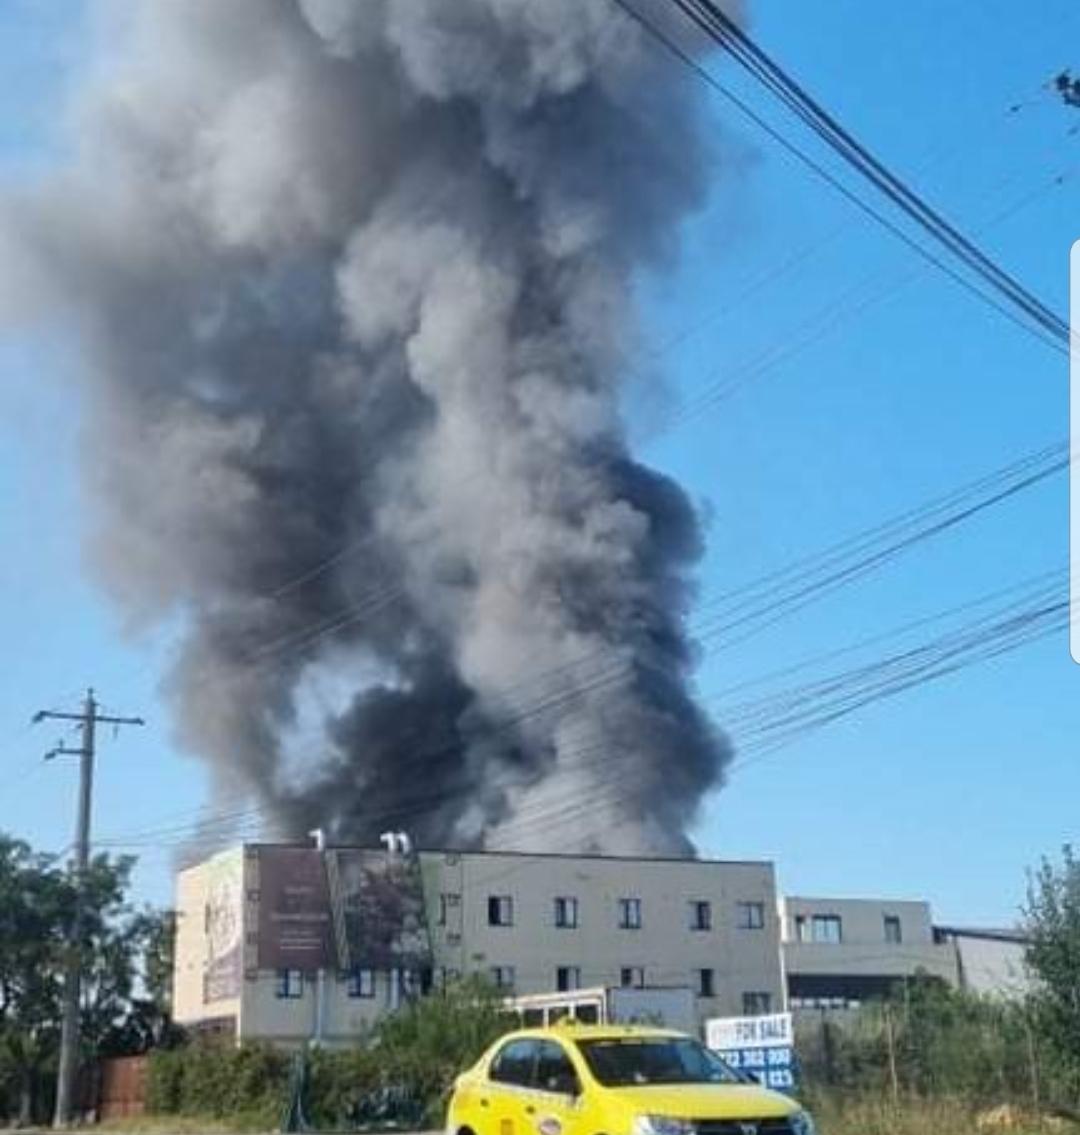 Incendiu violent în zona Mogoșoaia. Intervin 15 autospeciale, fumul se vede la sute de metri distanță  